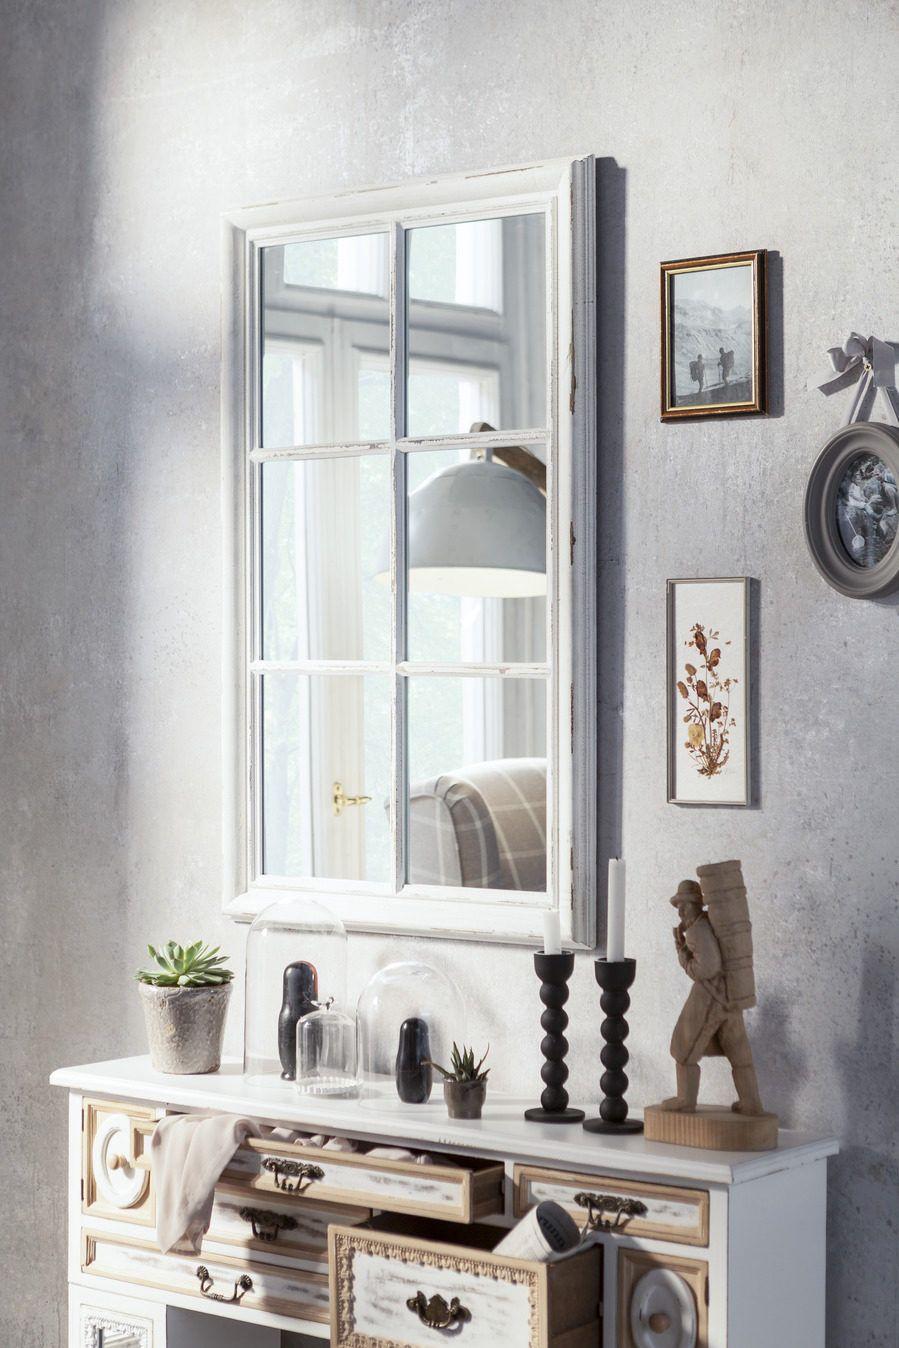 werfen sie einen blick in diesen spiegel der ihren eingangsbereich dekorativ aufwertet der. Black Bedroom Furniture Sets. Home Design Ideas